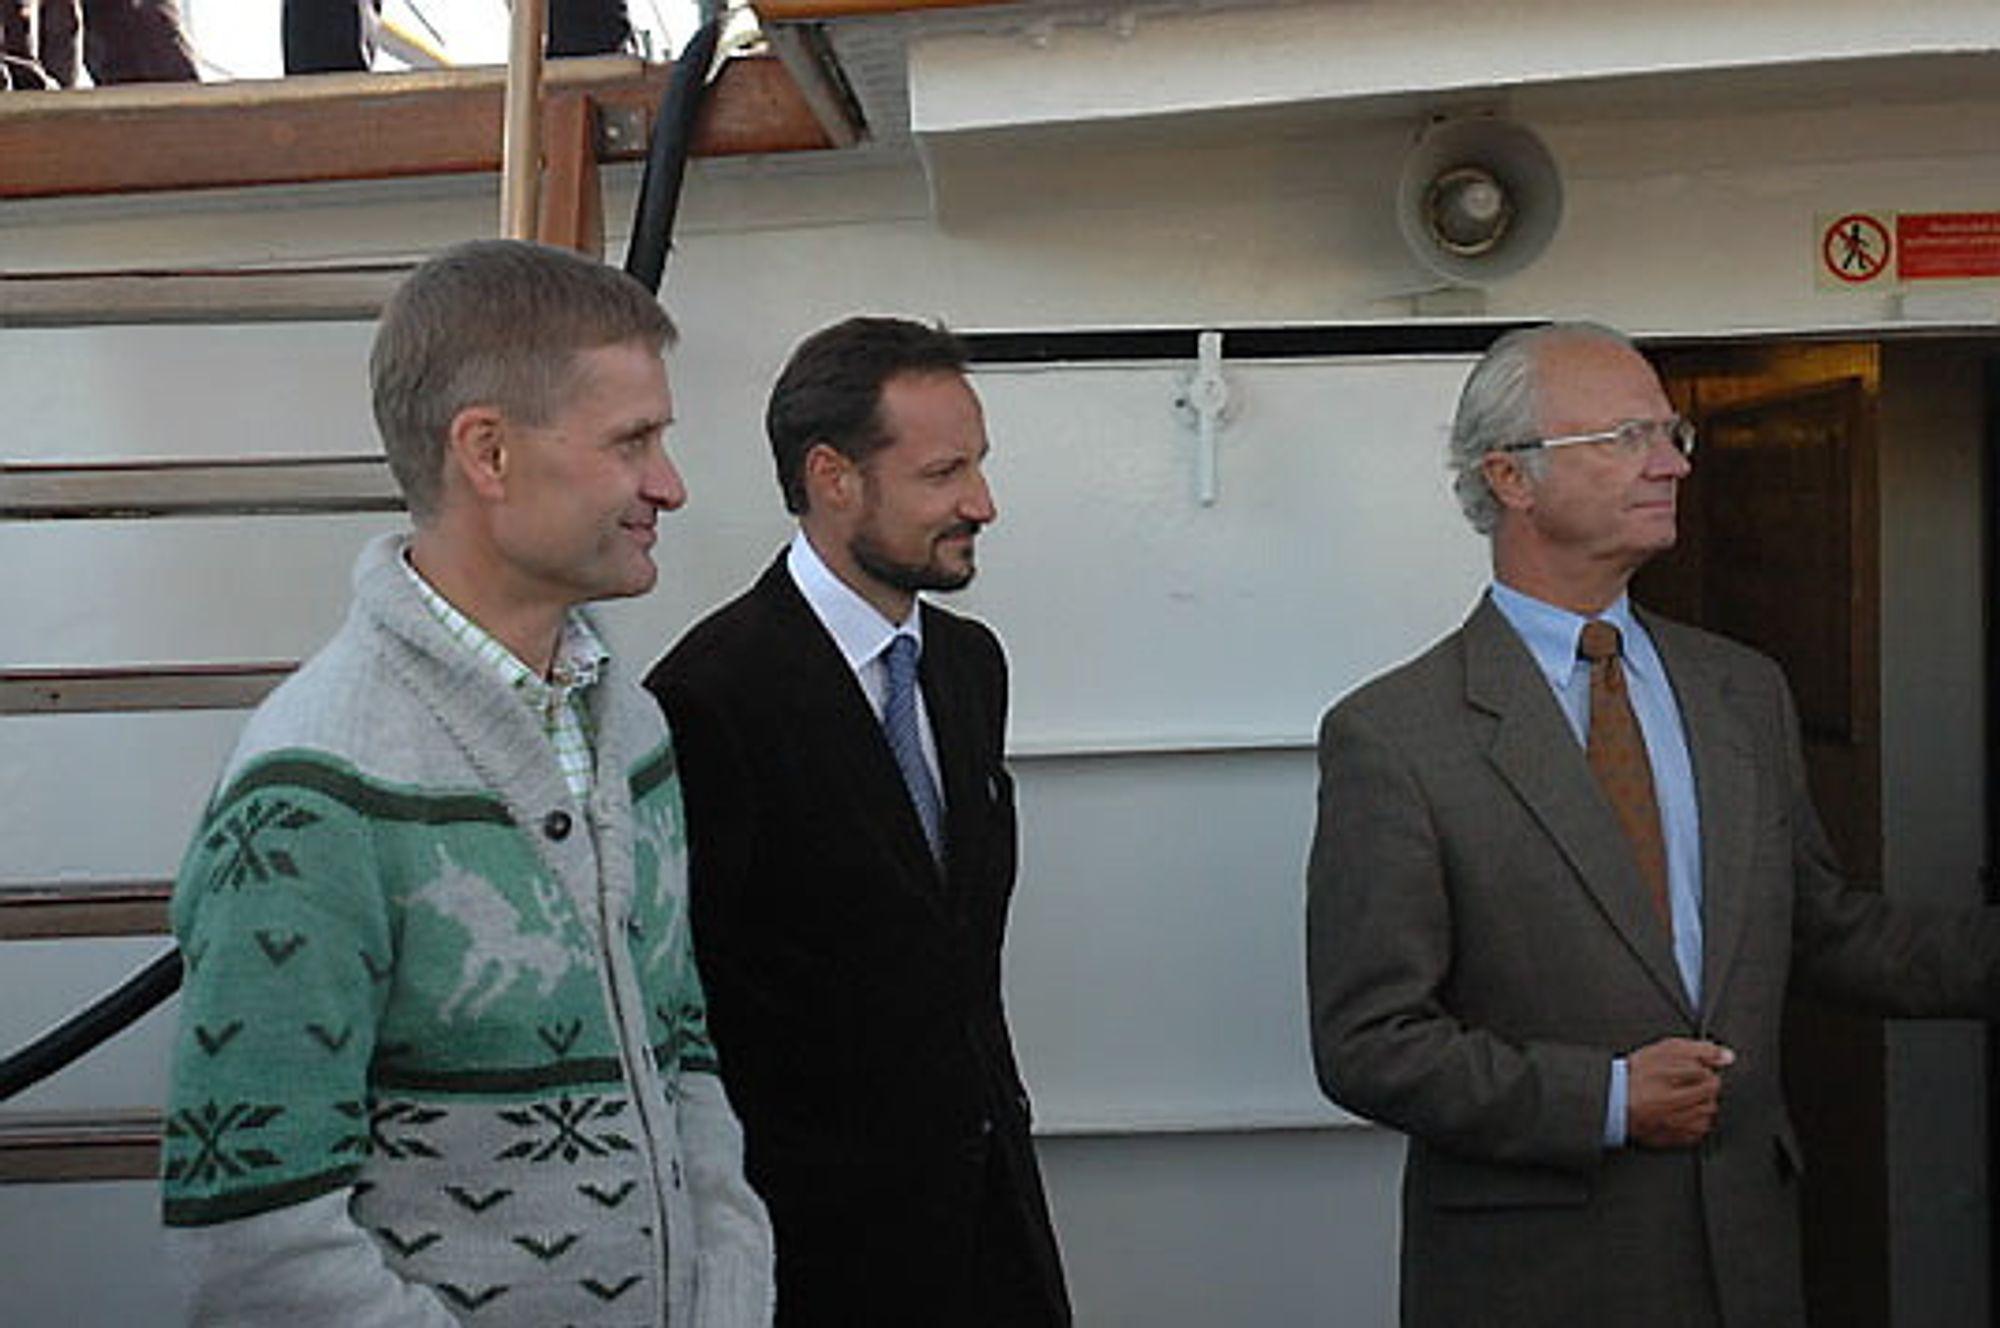 Miljø- og utviklingsminister Erik Solheim, HKH Kronprins Haakon og HM Kong Carl XVI Gustav.